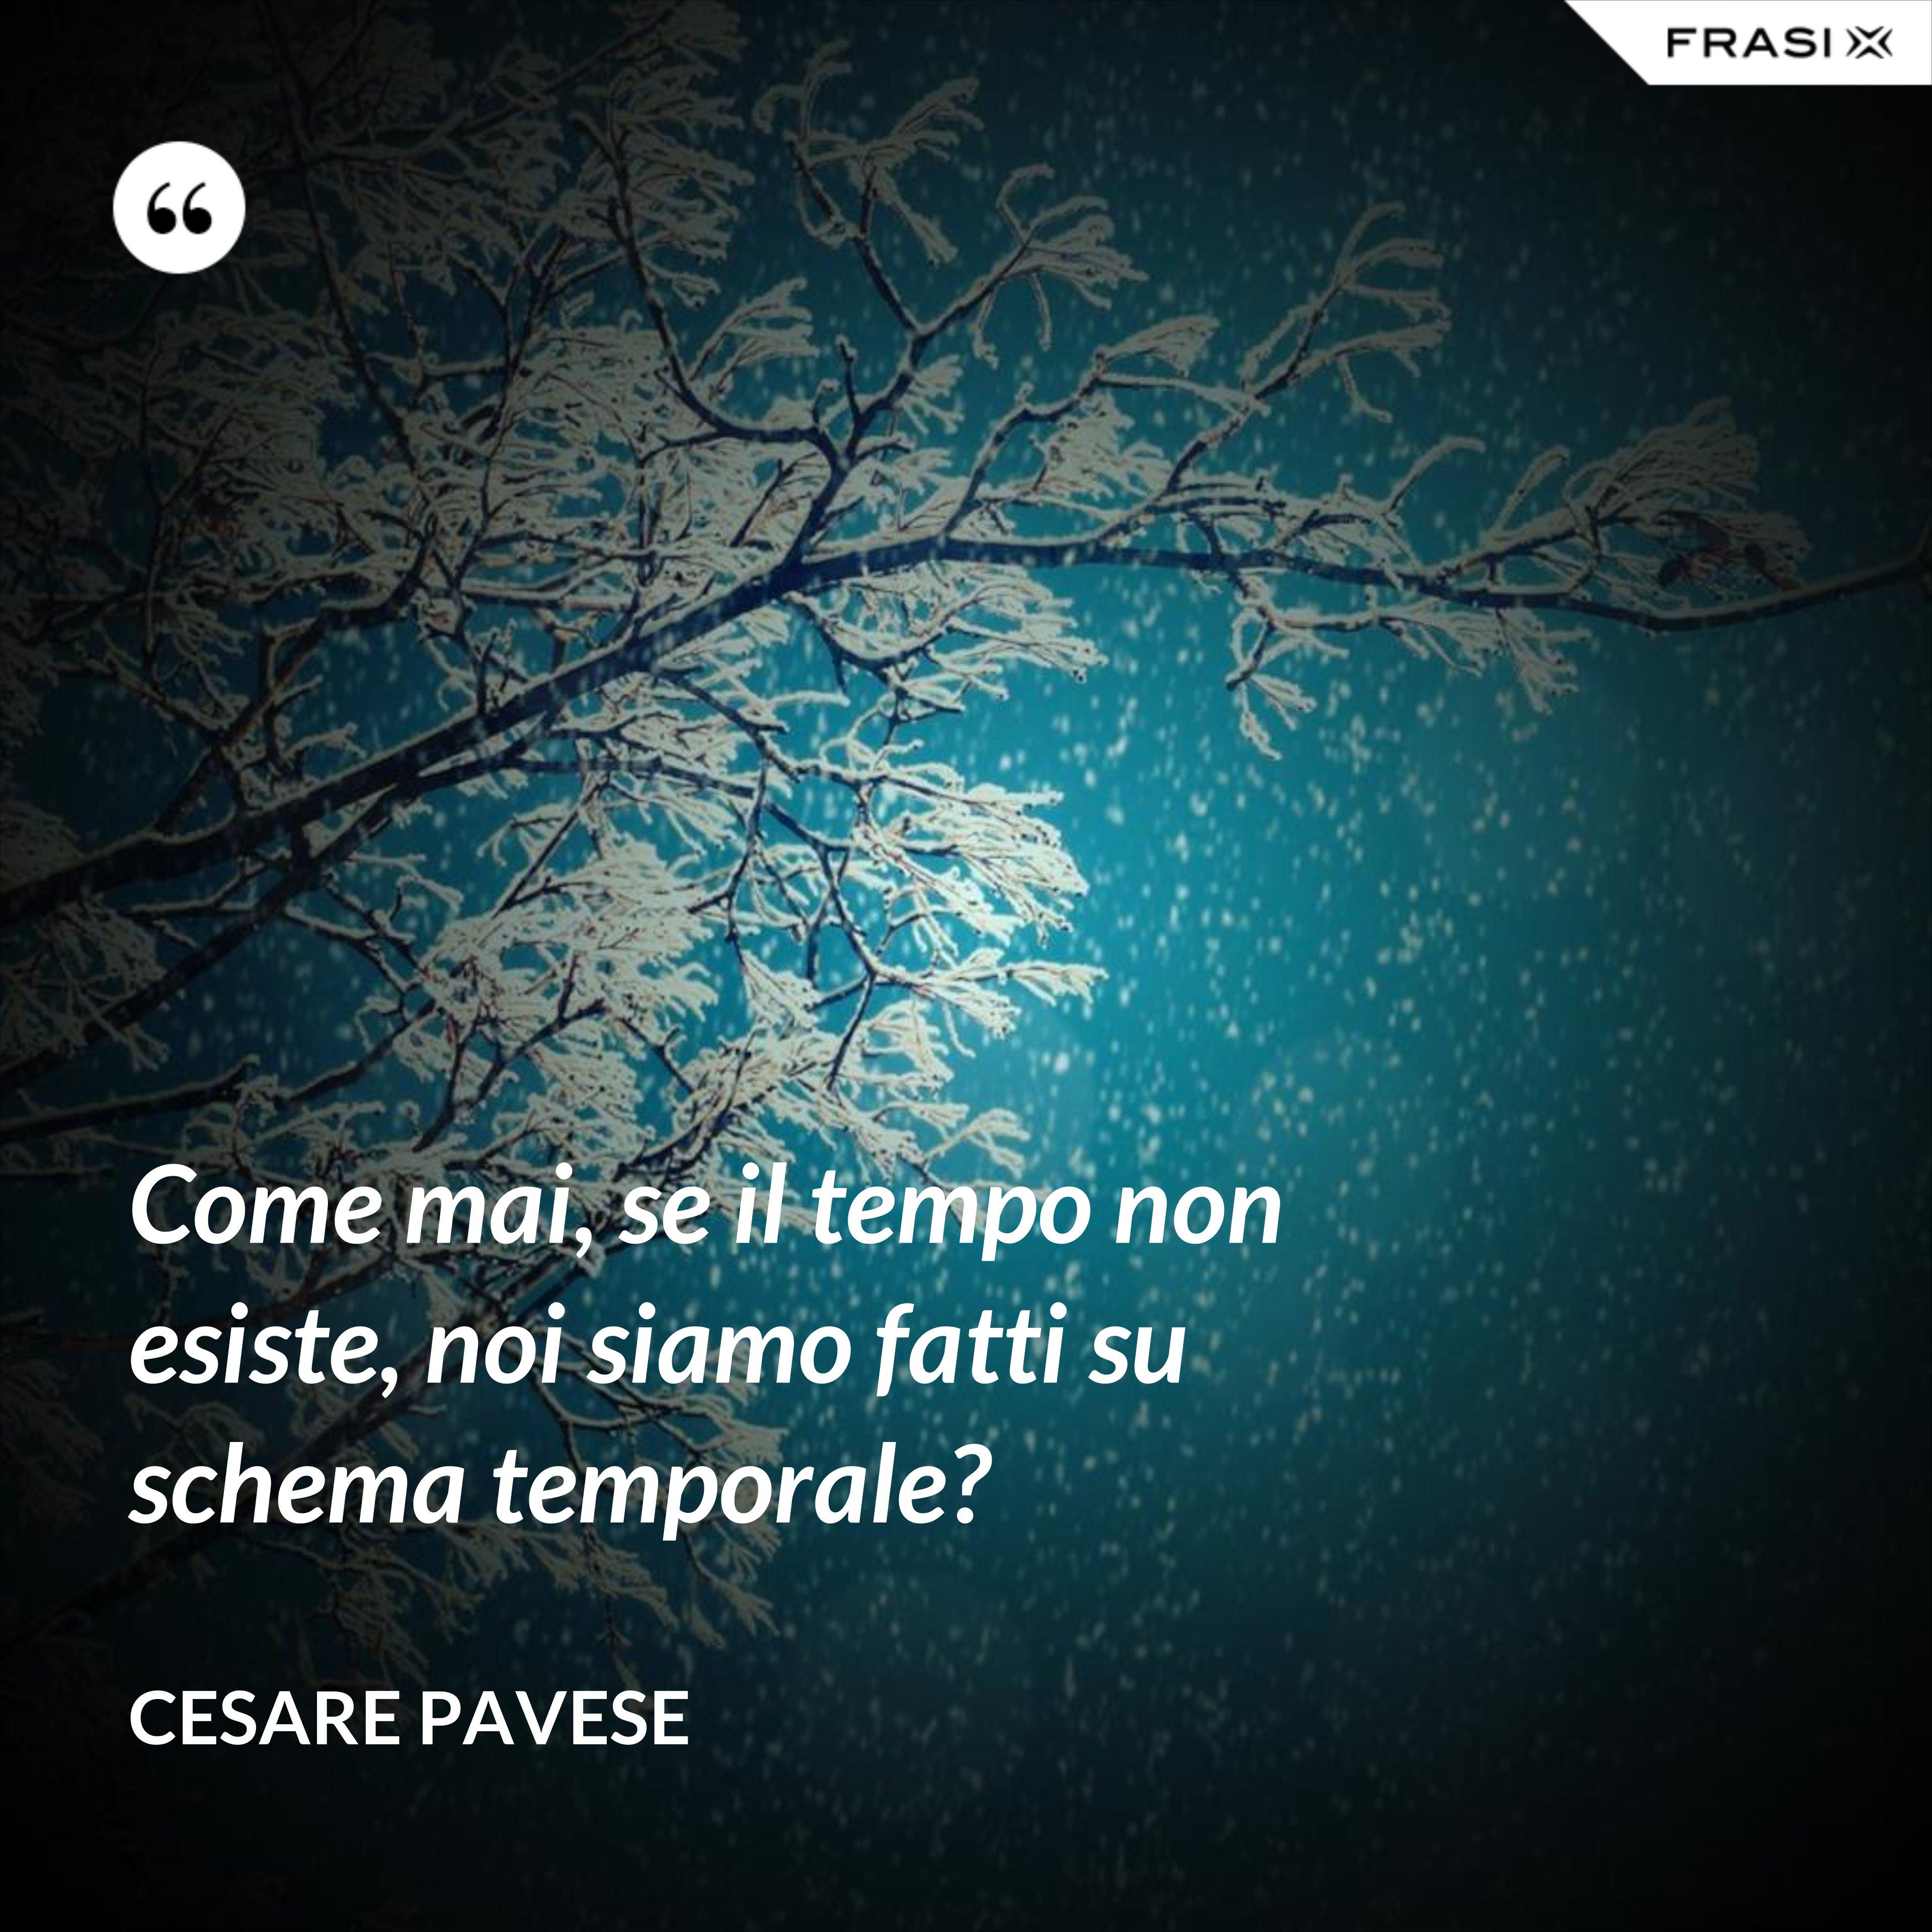 Come mai, se il tempo non esiste, noi siamo fatti su schema temporale? - Cesare Pavese